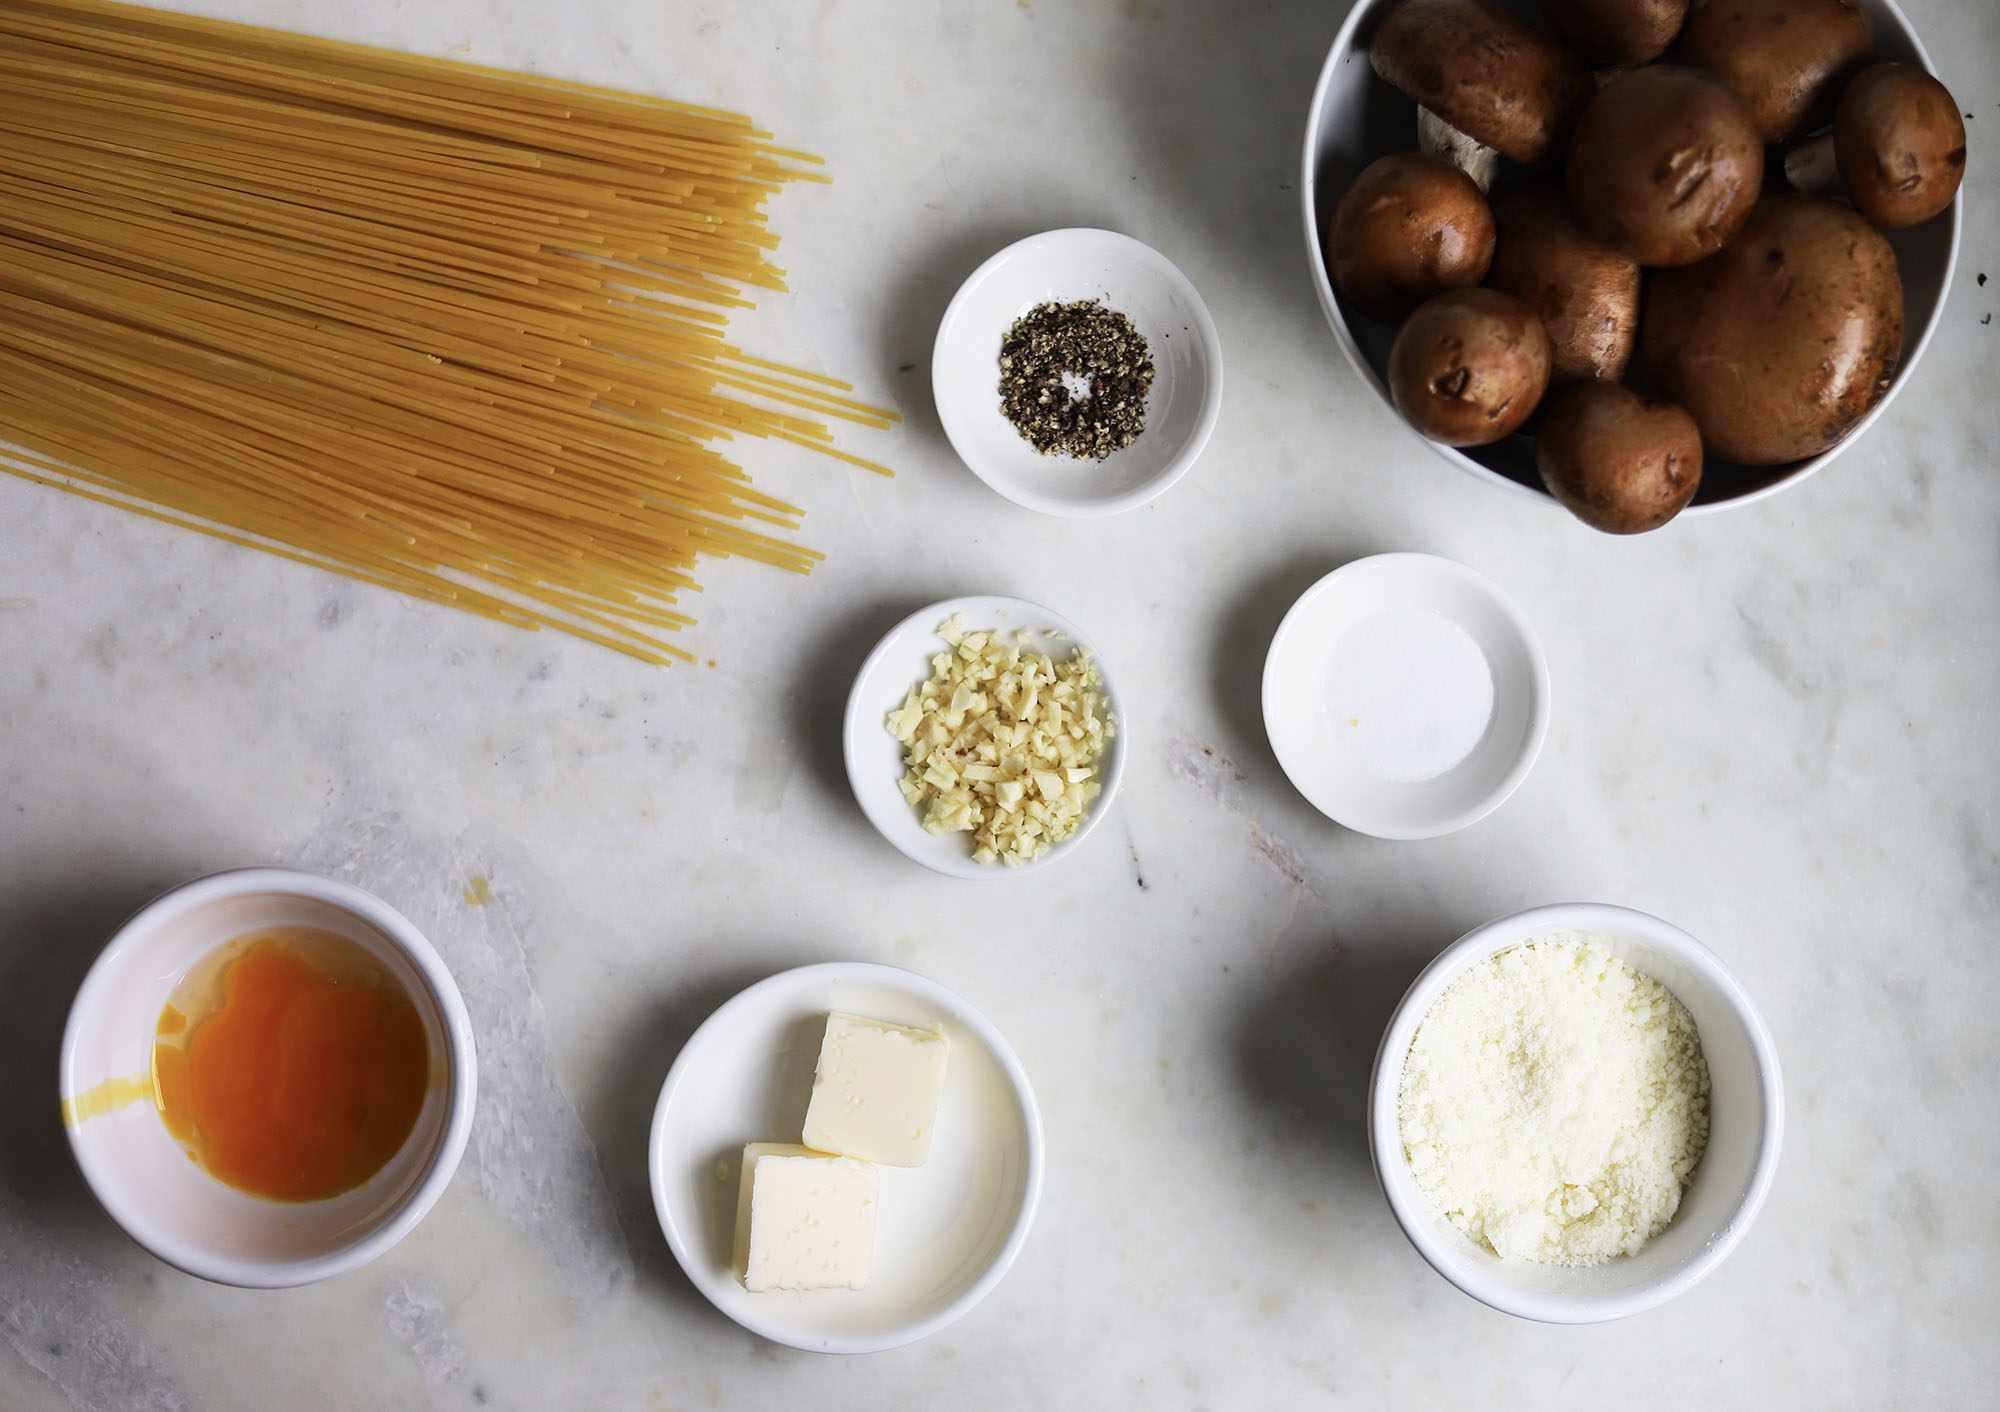 mushroom carbonara ingredients